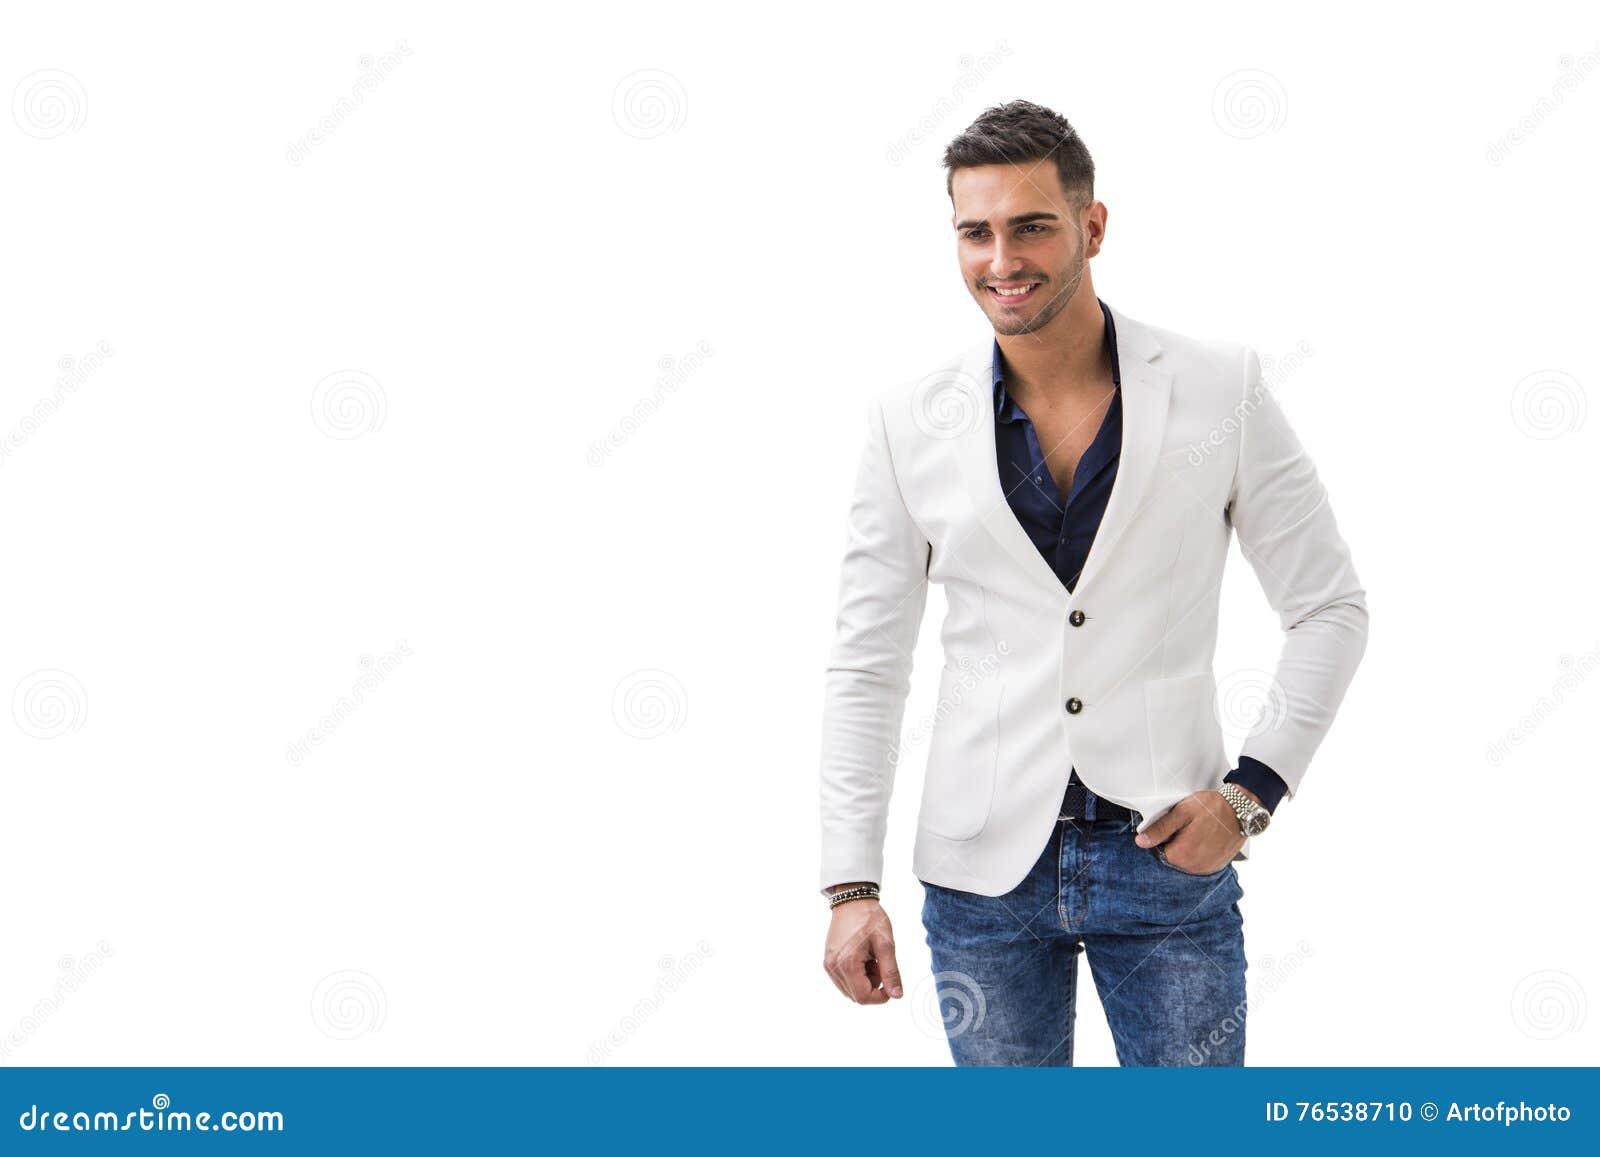 203f6d214a Giovane Uomo Sorridente In Camicia Blu E Rivestimento Bianco ...